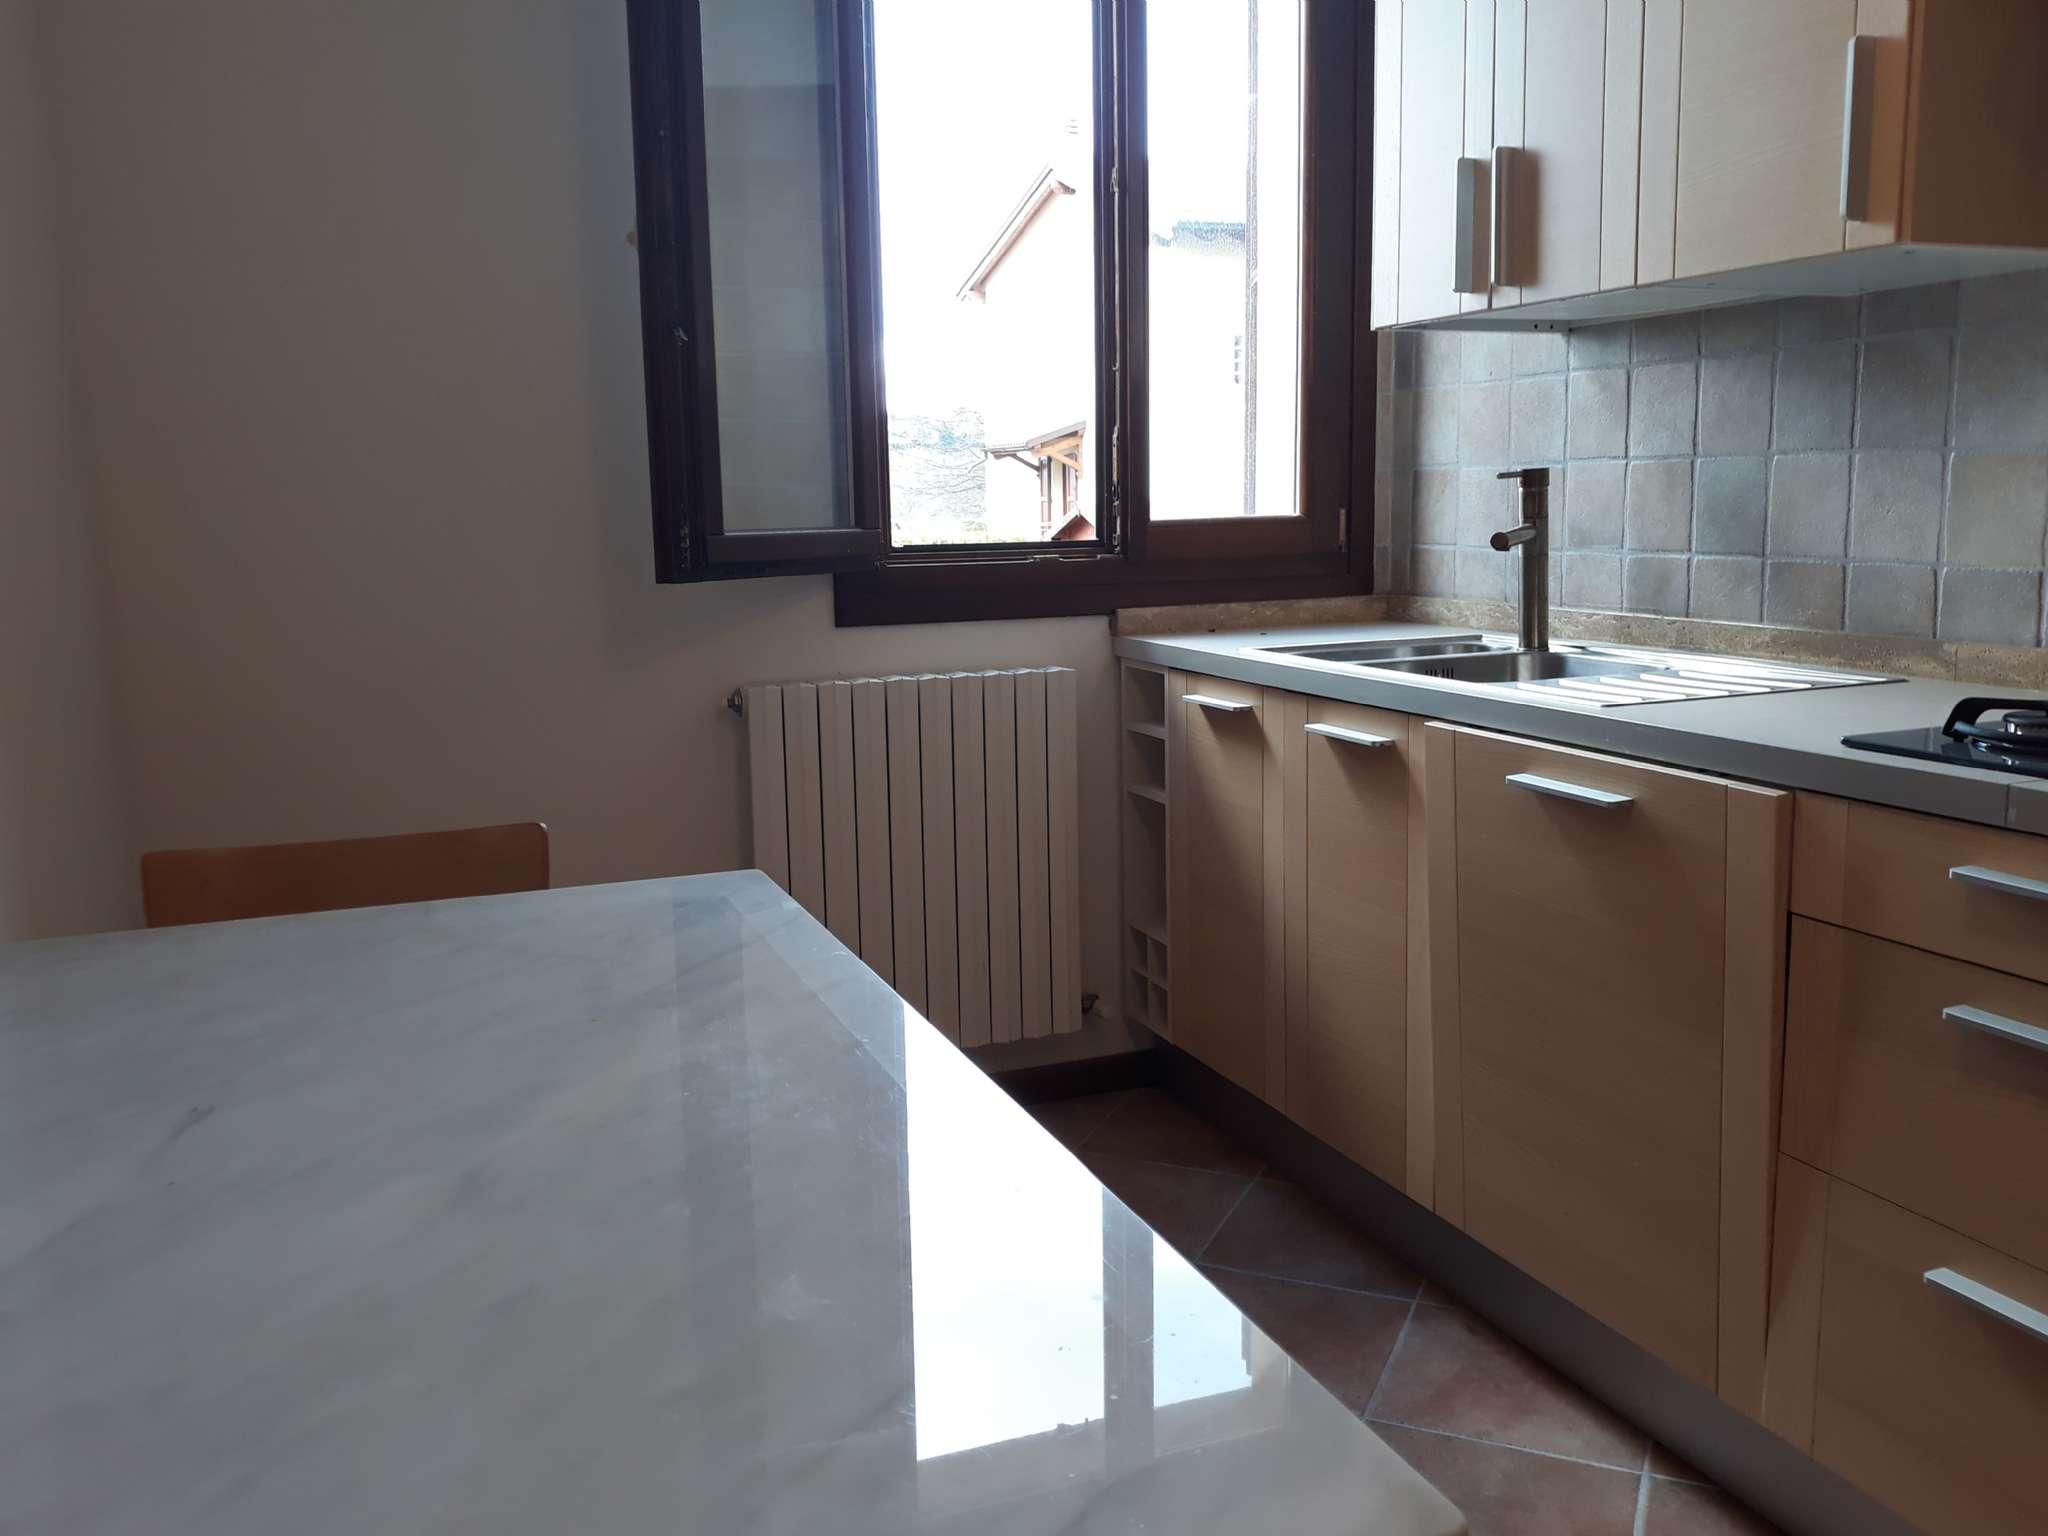 Appartamento parzialmente arredato in vendita Rif. 5972104